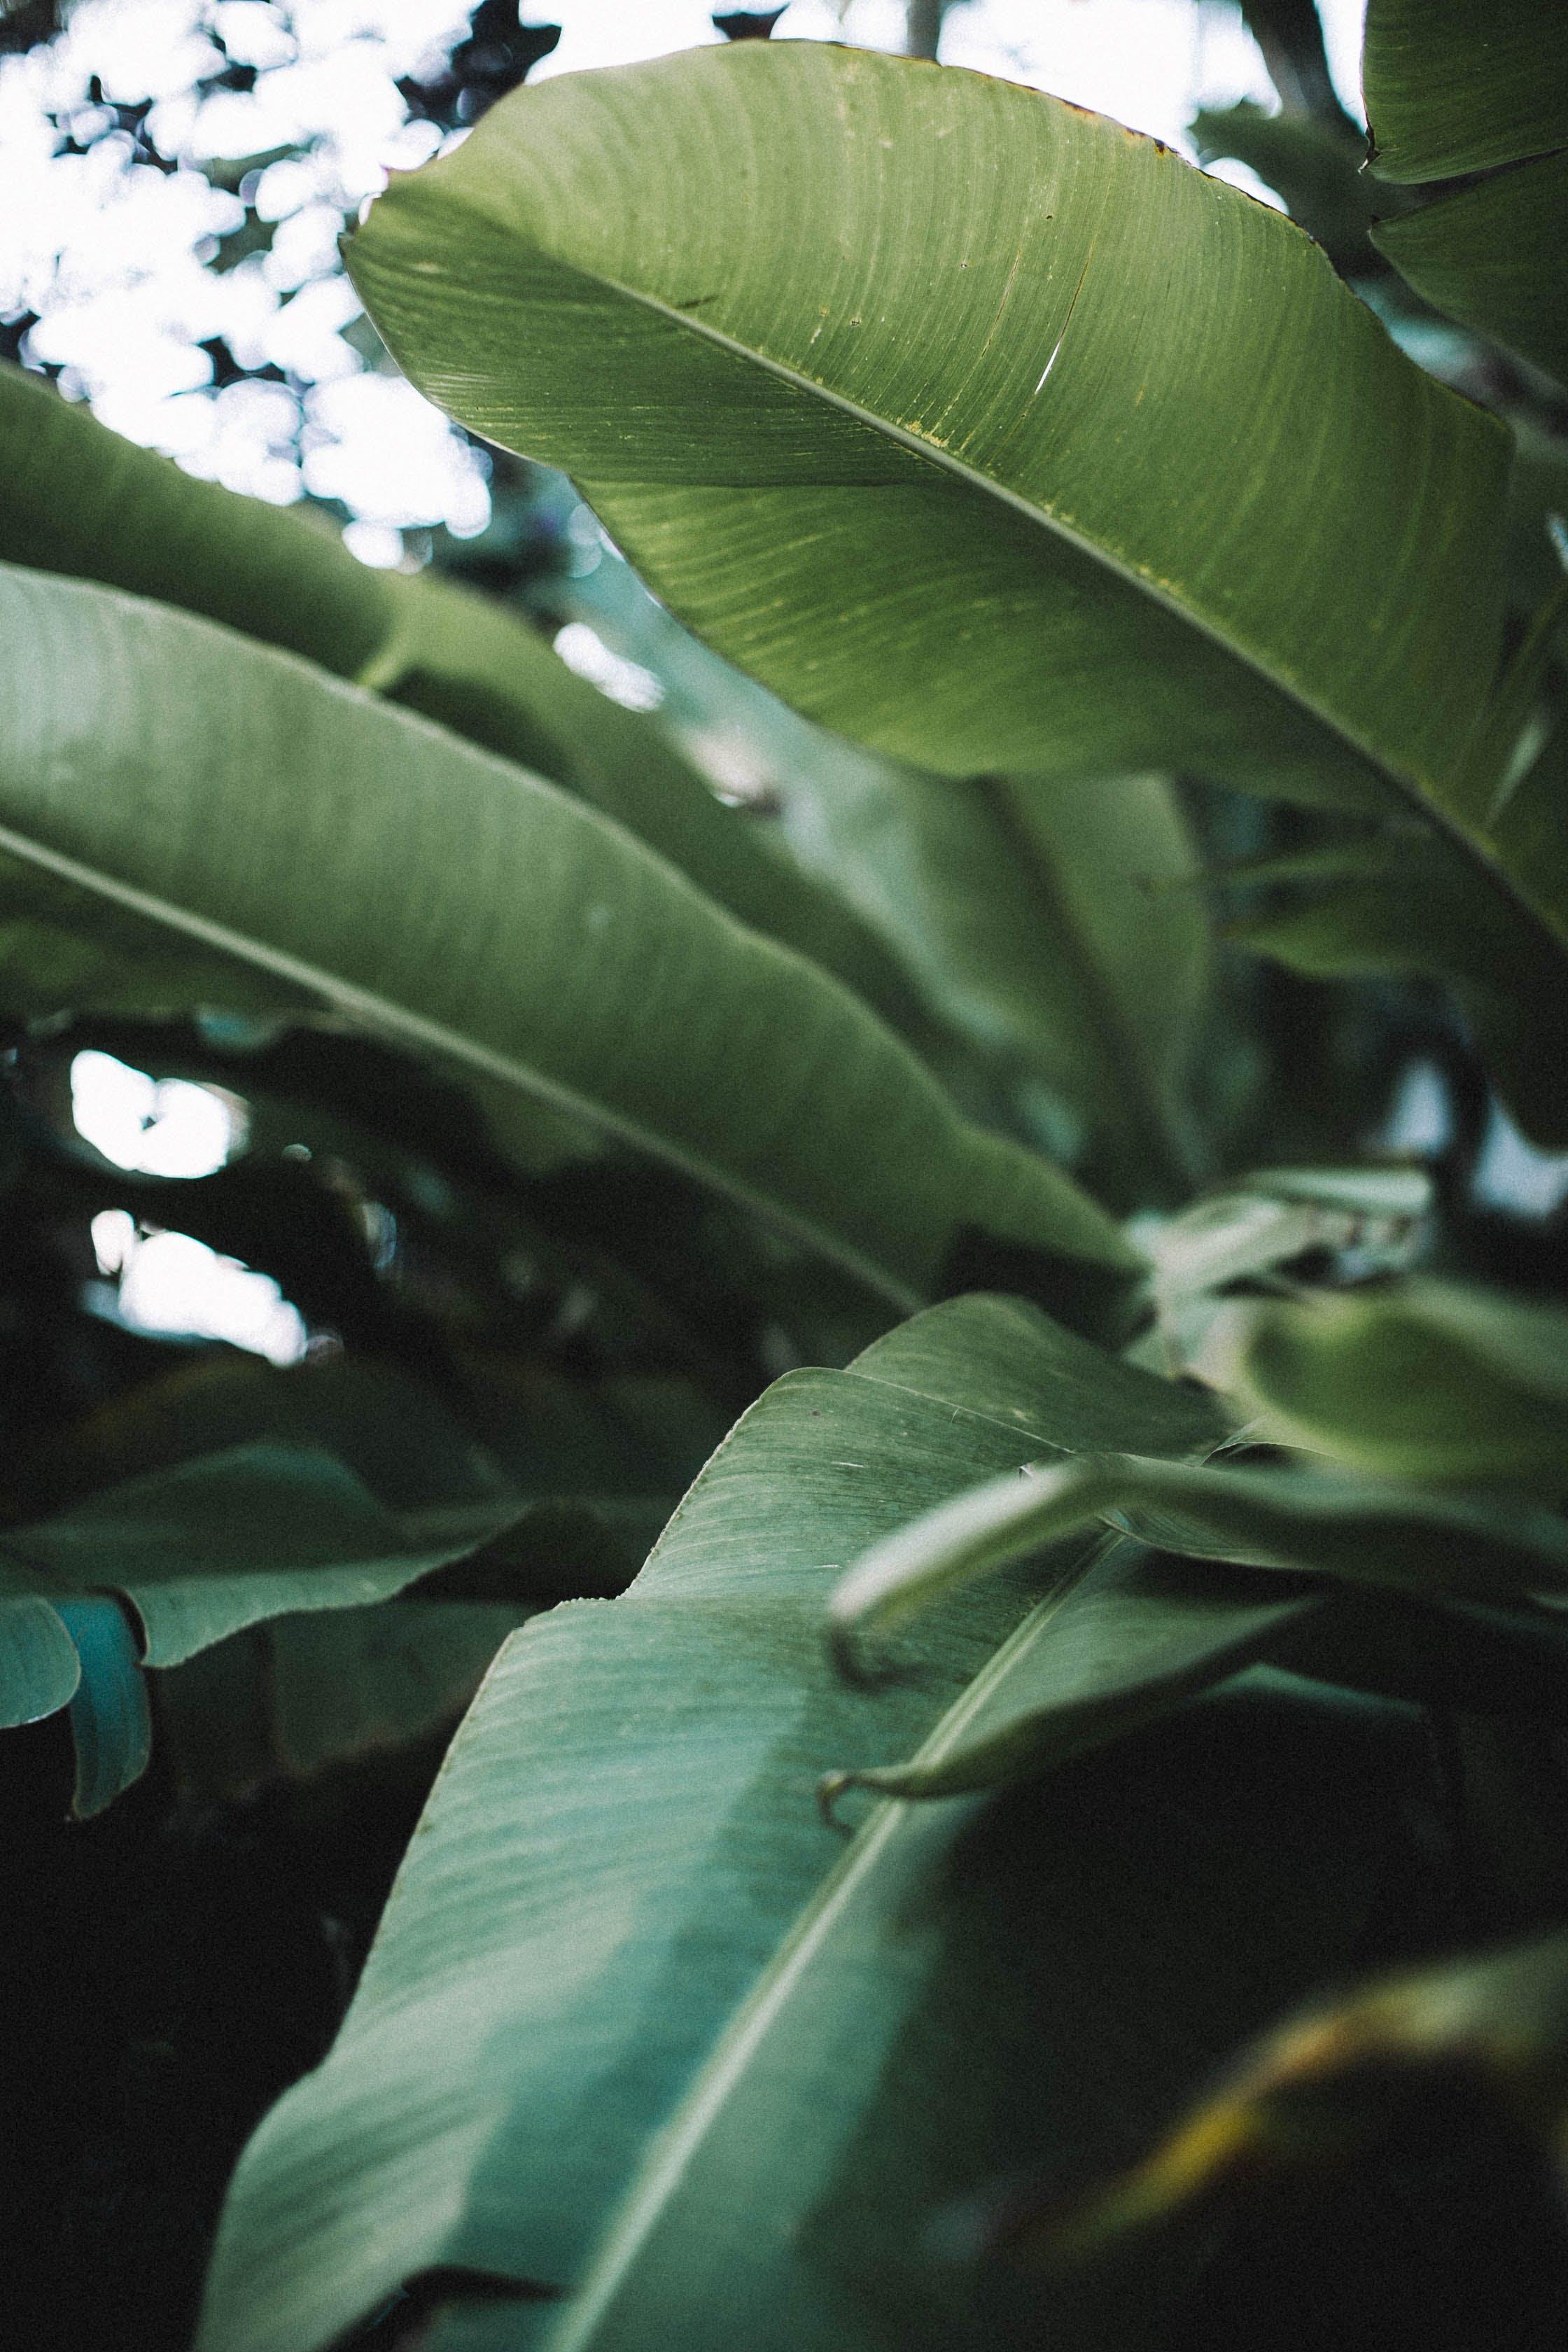 廠, 樹葉, 特寫, 綠色 的 免費圖庫相片